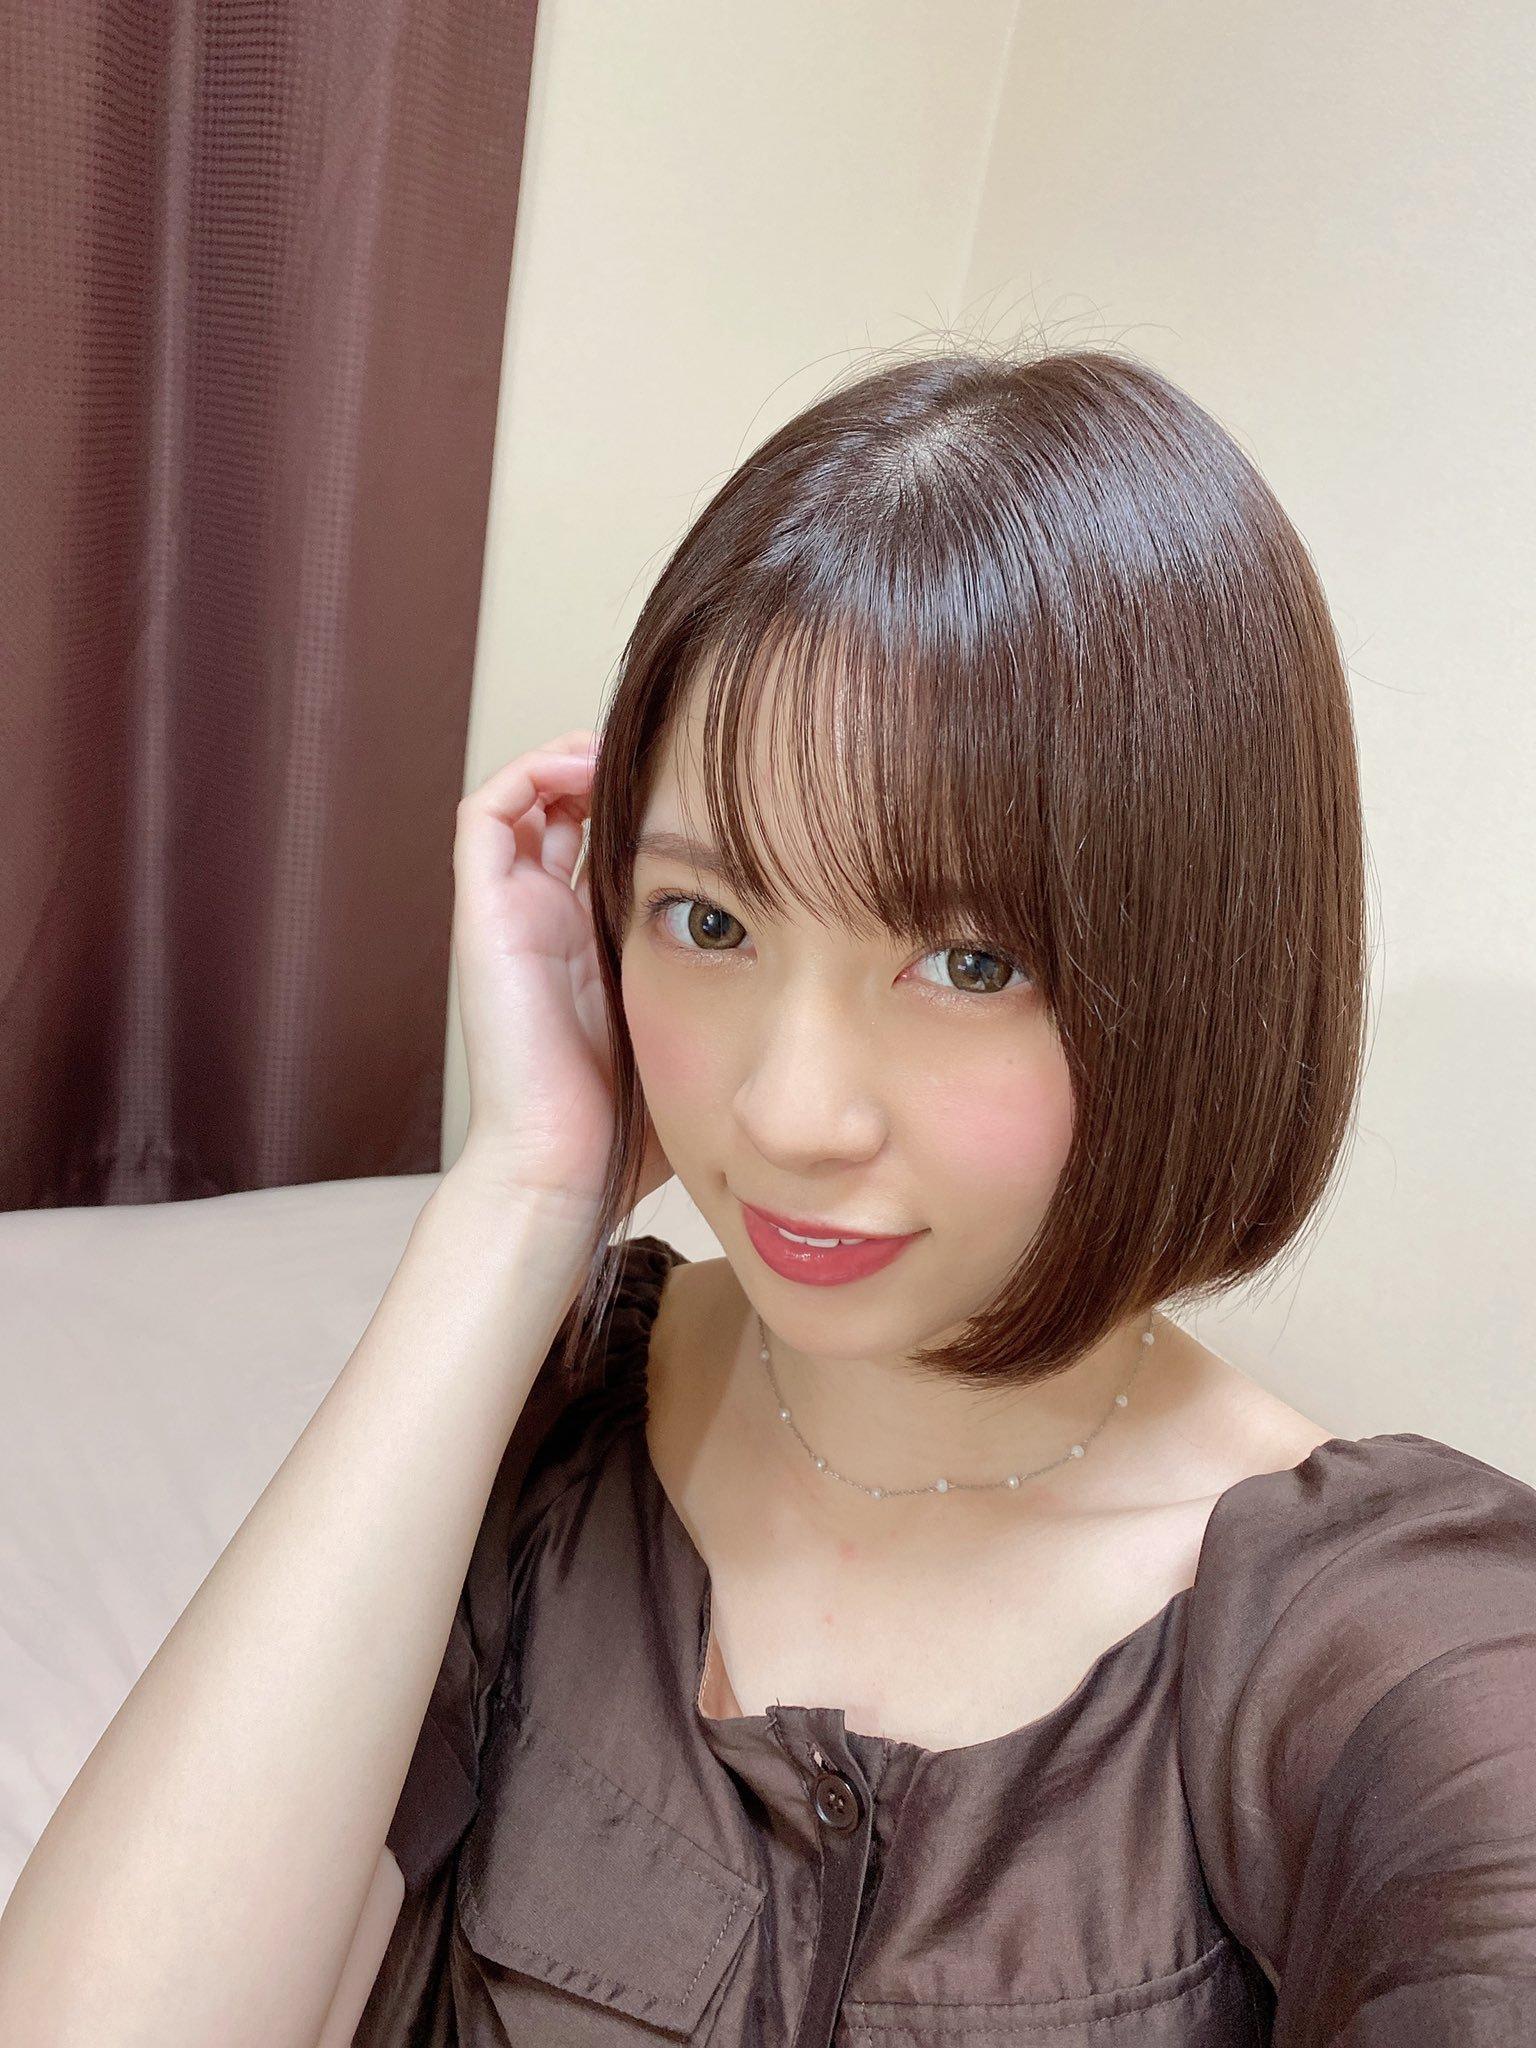 深田咏美再现魅魔 葵铃奈瘦小水着插图(47)